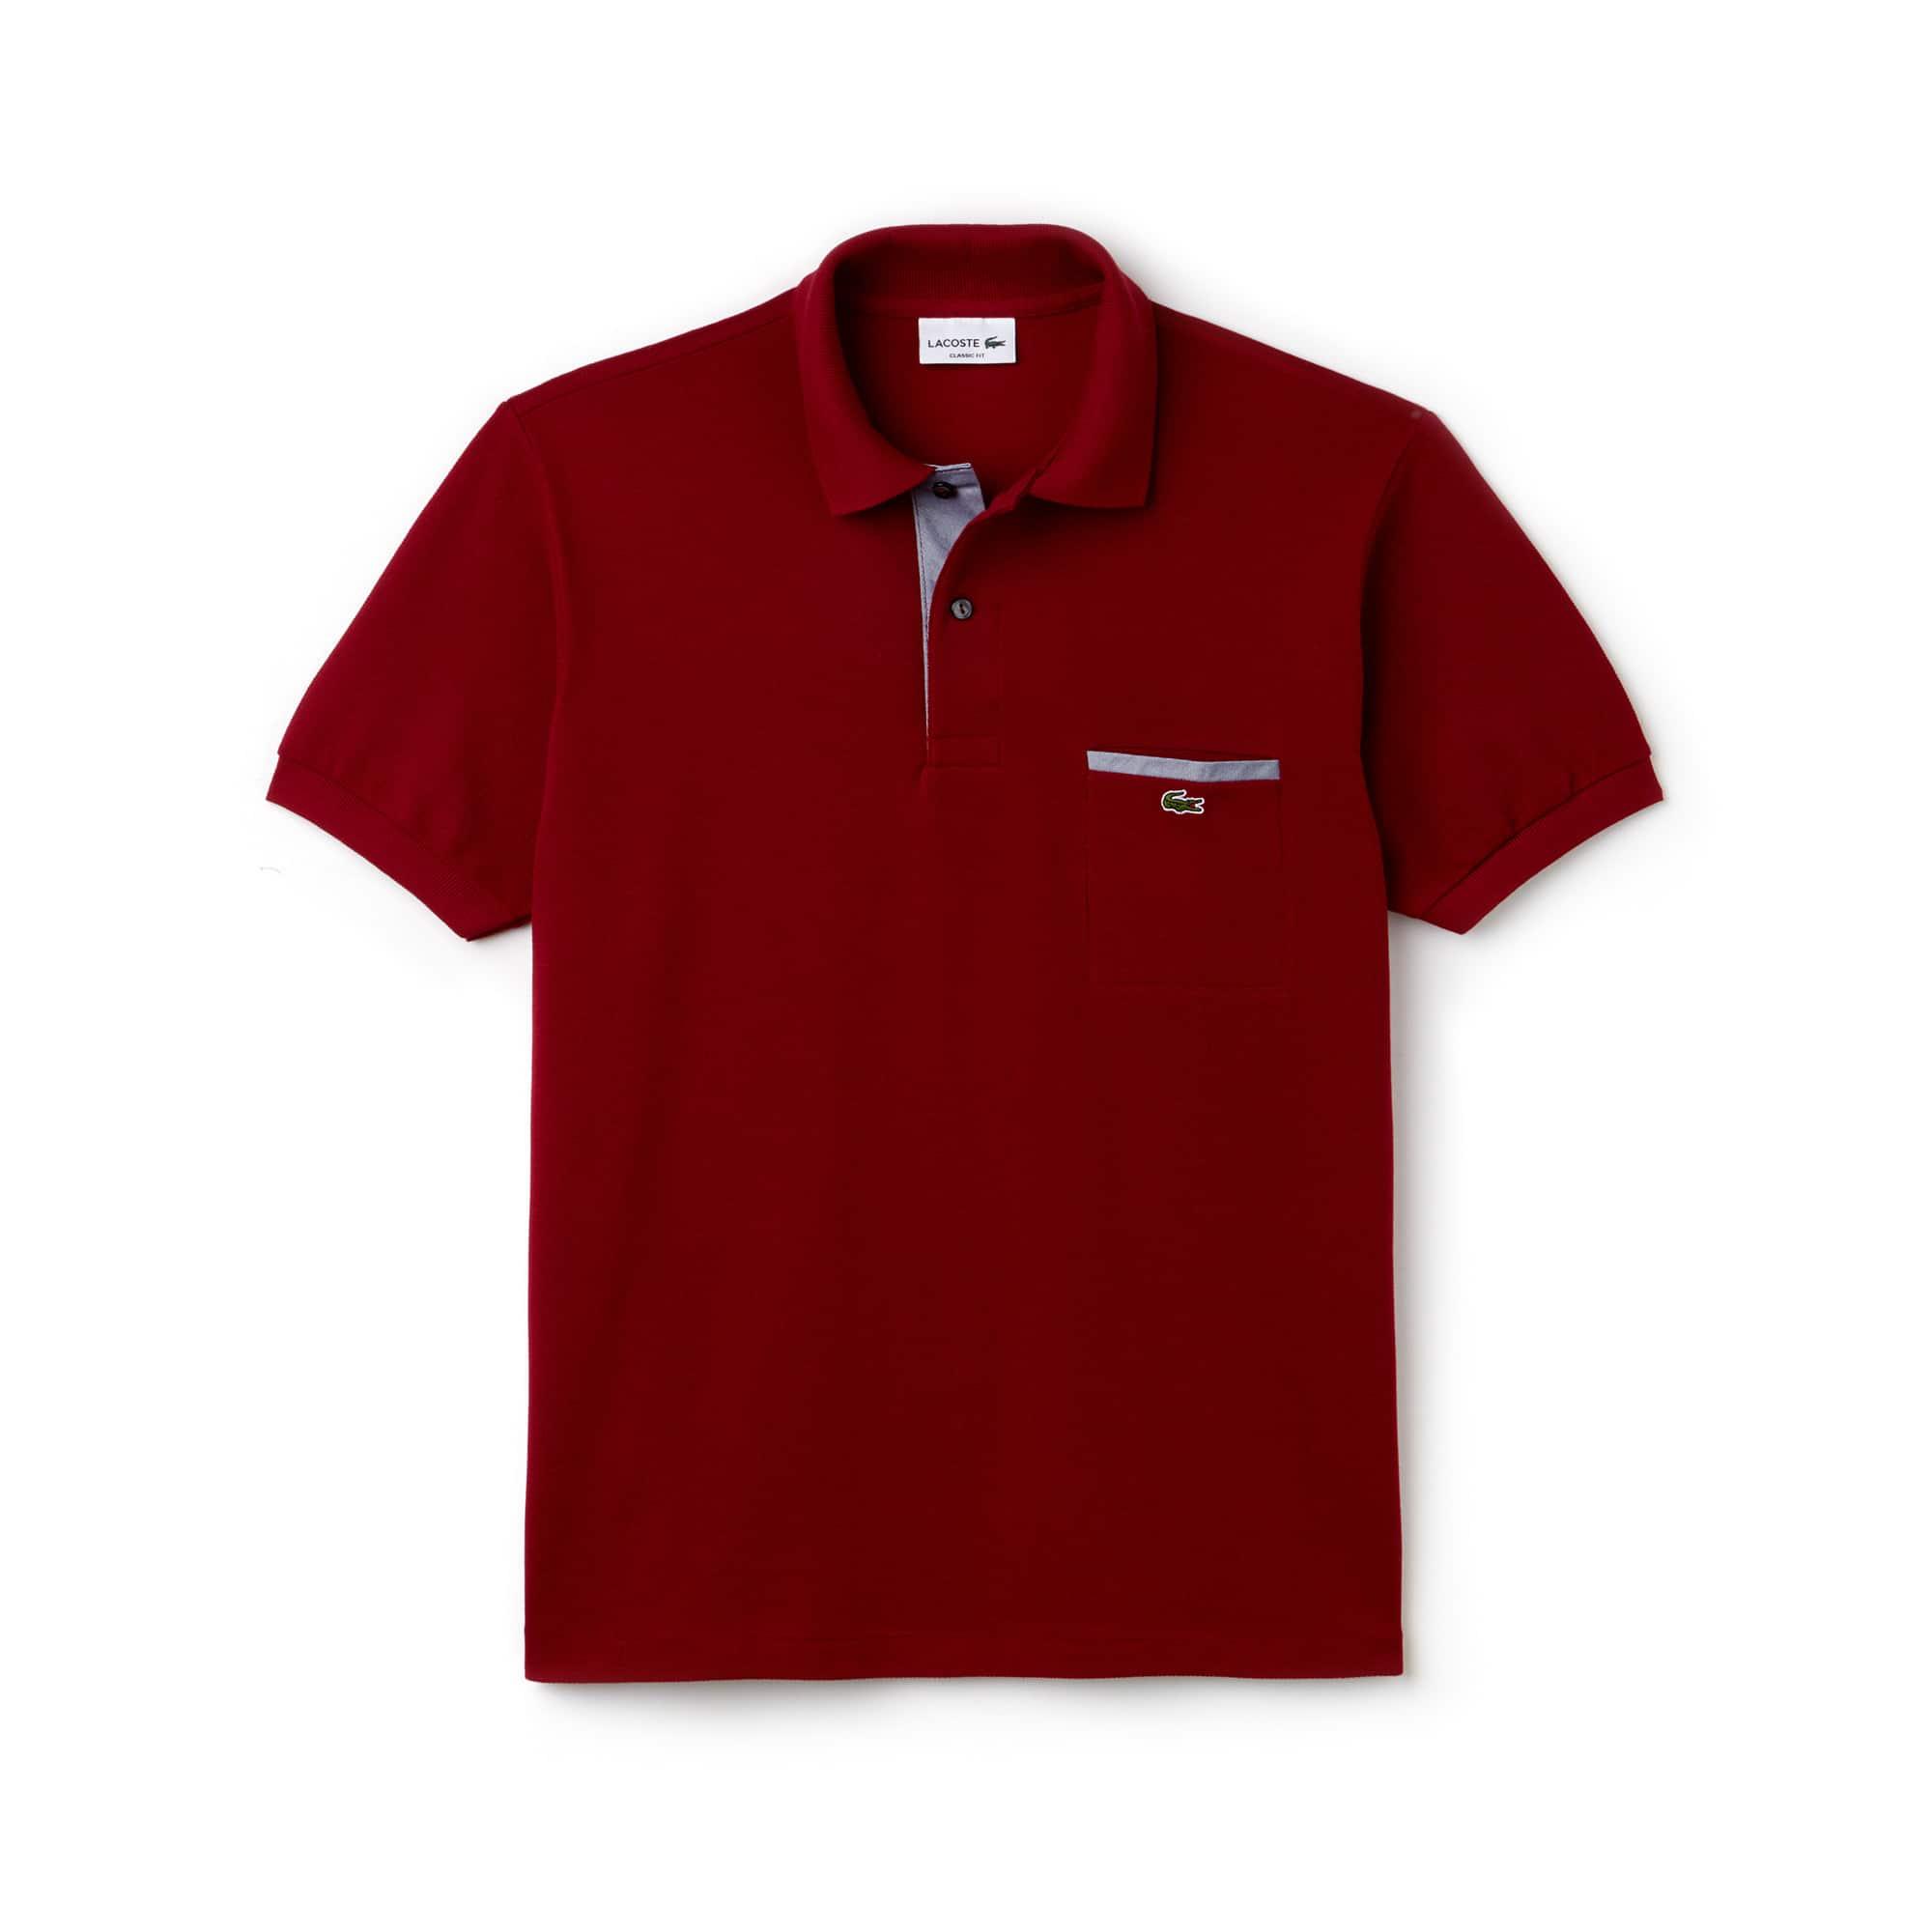 c87a281a64244 ... Camisa Polo Lacoste L.12.12 com Detalhes Contrastantes